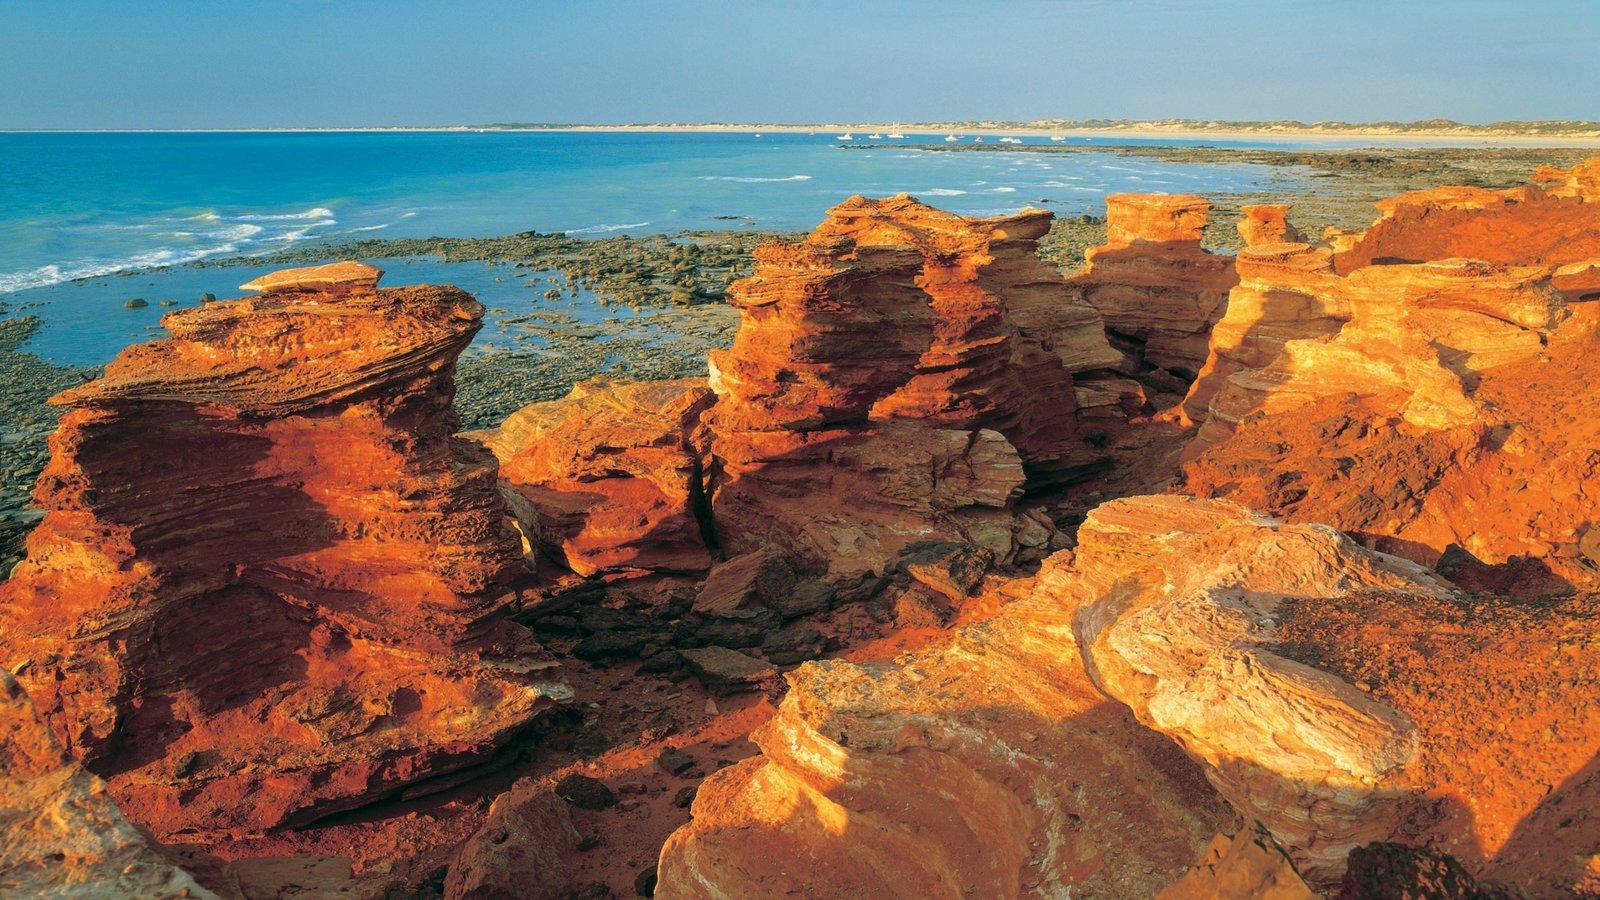 Broome ofreciendo un barranco o cañón y costa rocosa